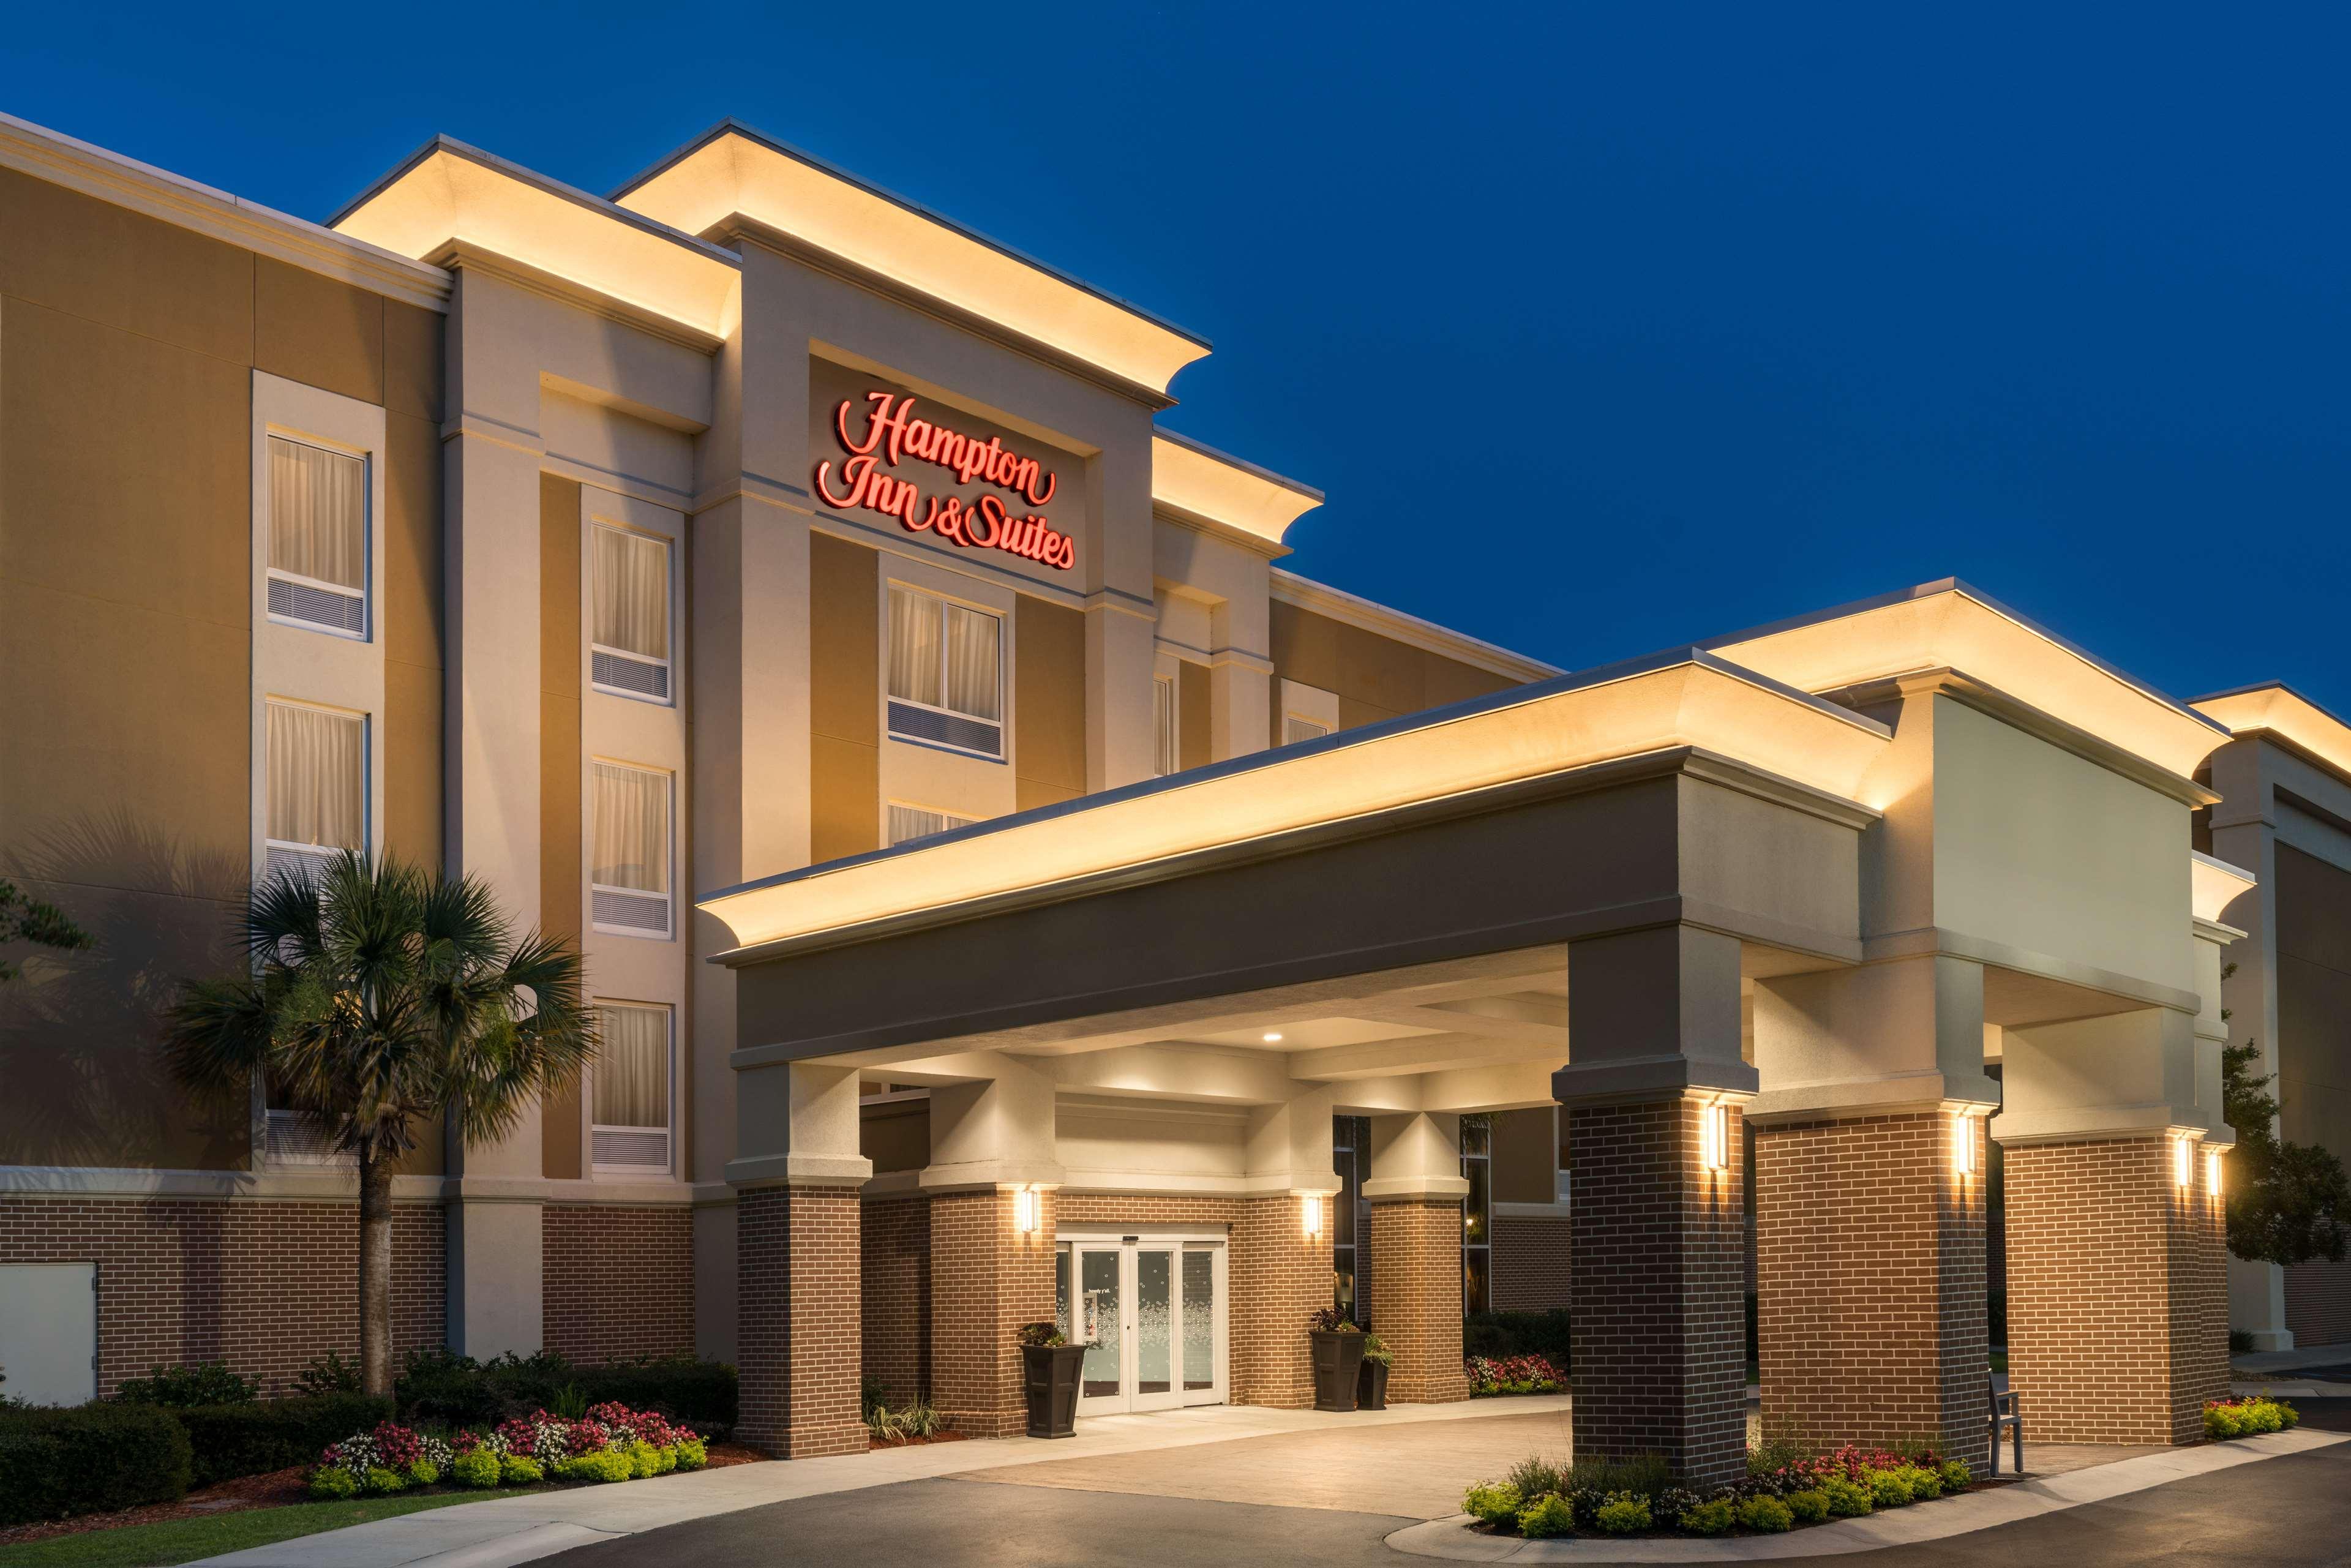 Outback Steakhouse Hilton Head Island South Carolina